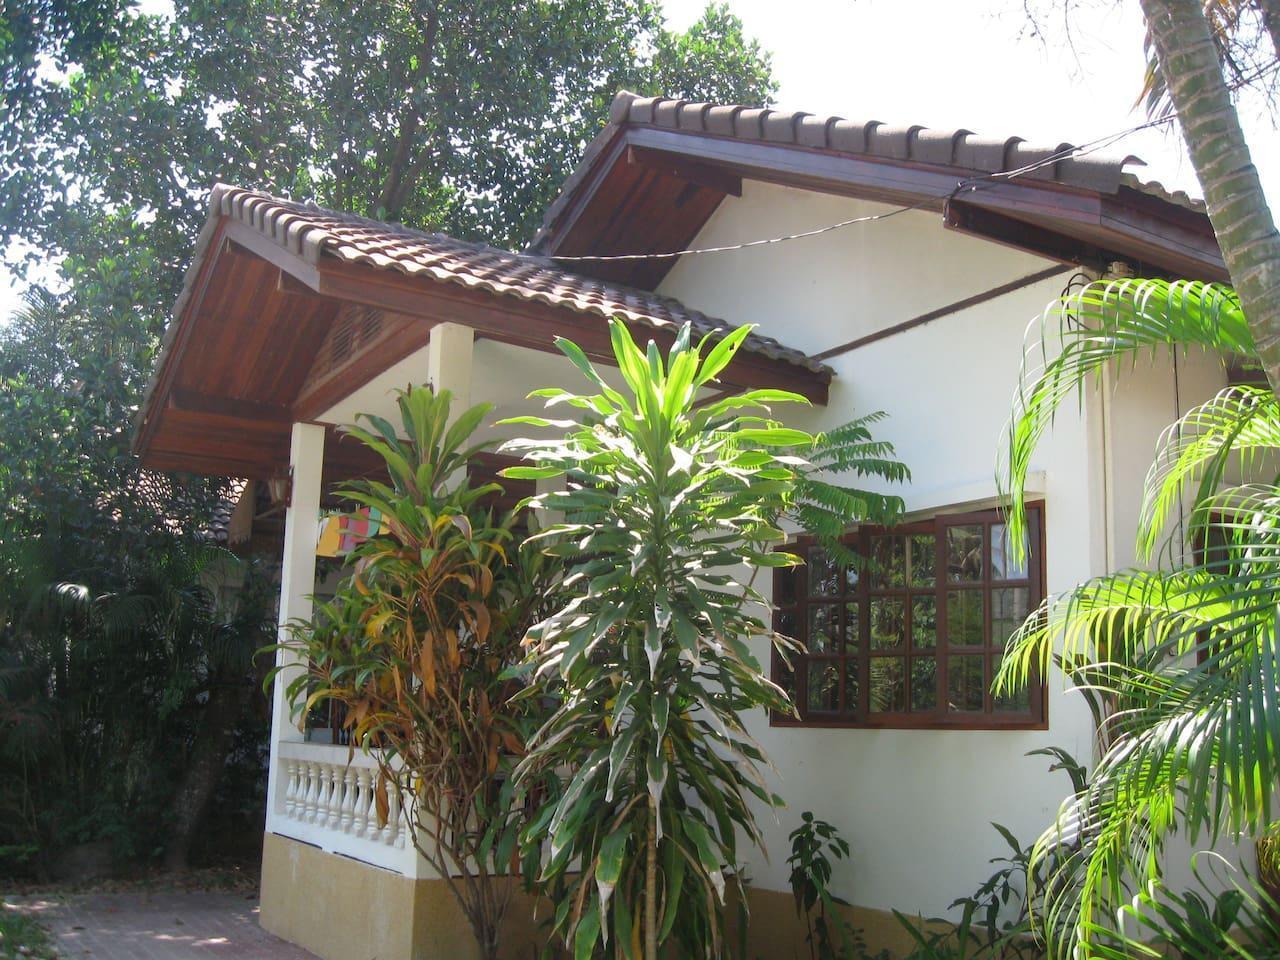 Bamboo Gardens #3 (2 Bedroom/1 Single) บ้านเดี่ยว 2 ห้องนอน 1 ห้องน้ำส่วนตัว ขนาด 70 ตร.ม. – แม่น้ำ